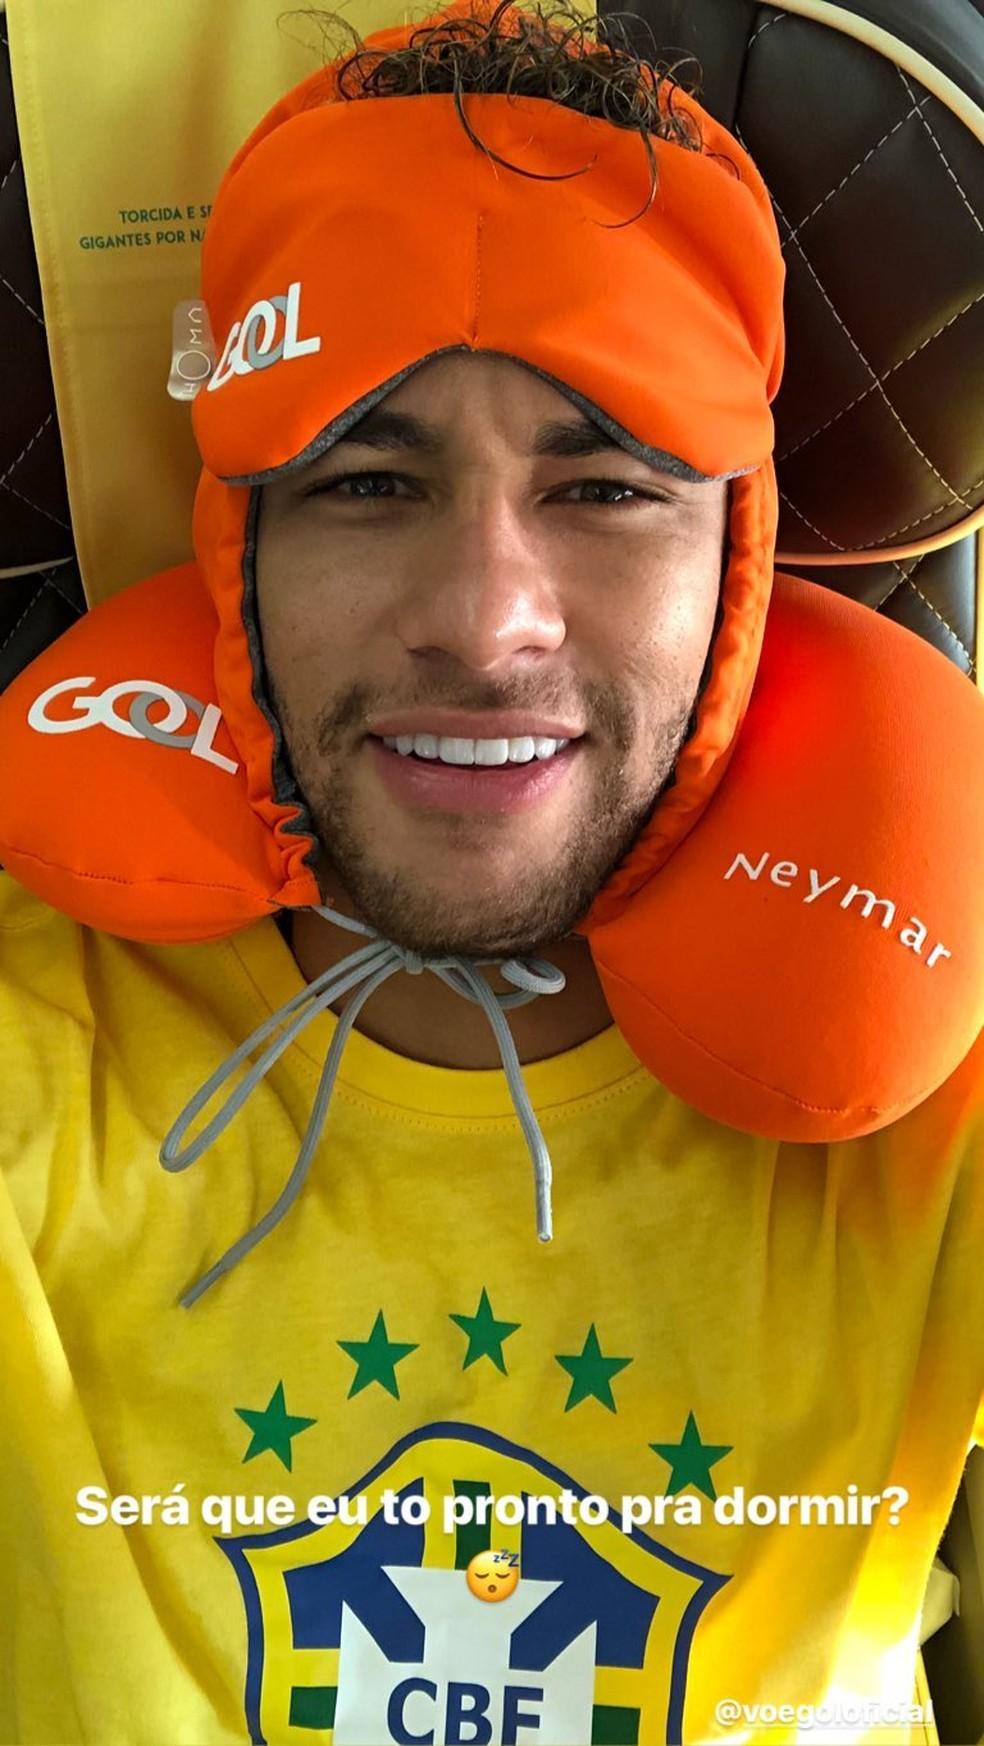 Neymar posta no avião (Foto: Reprodução / Instagram)